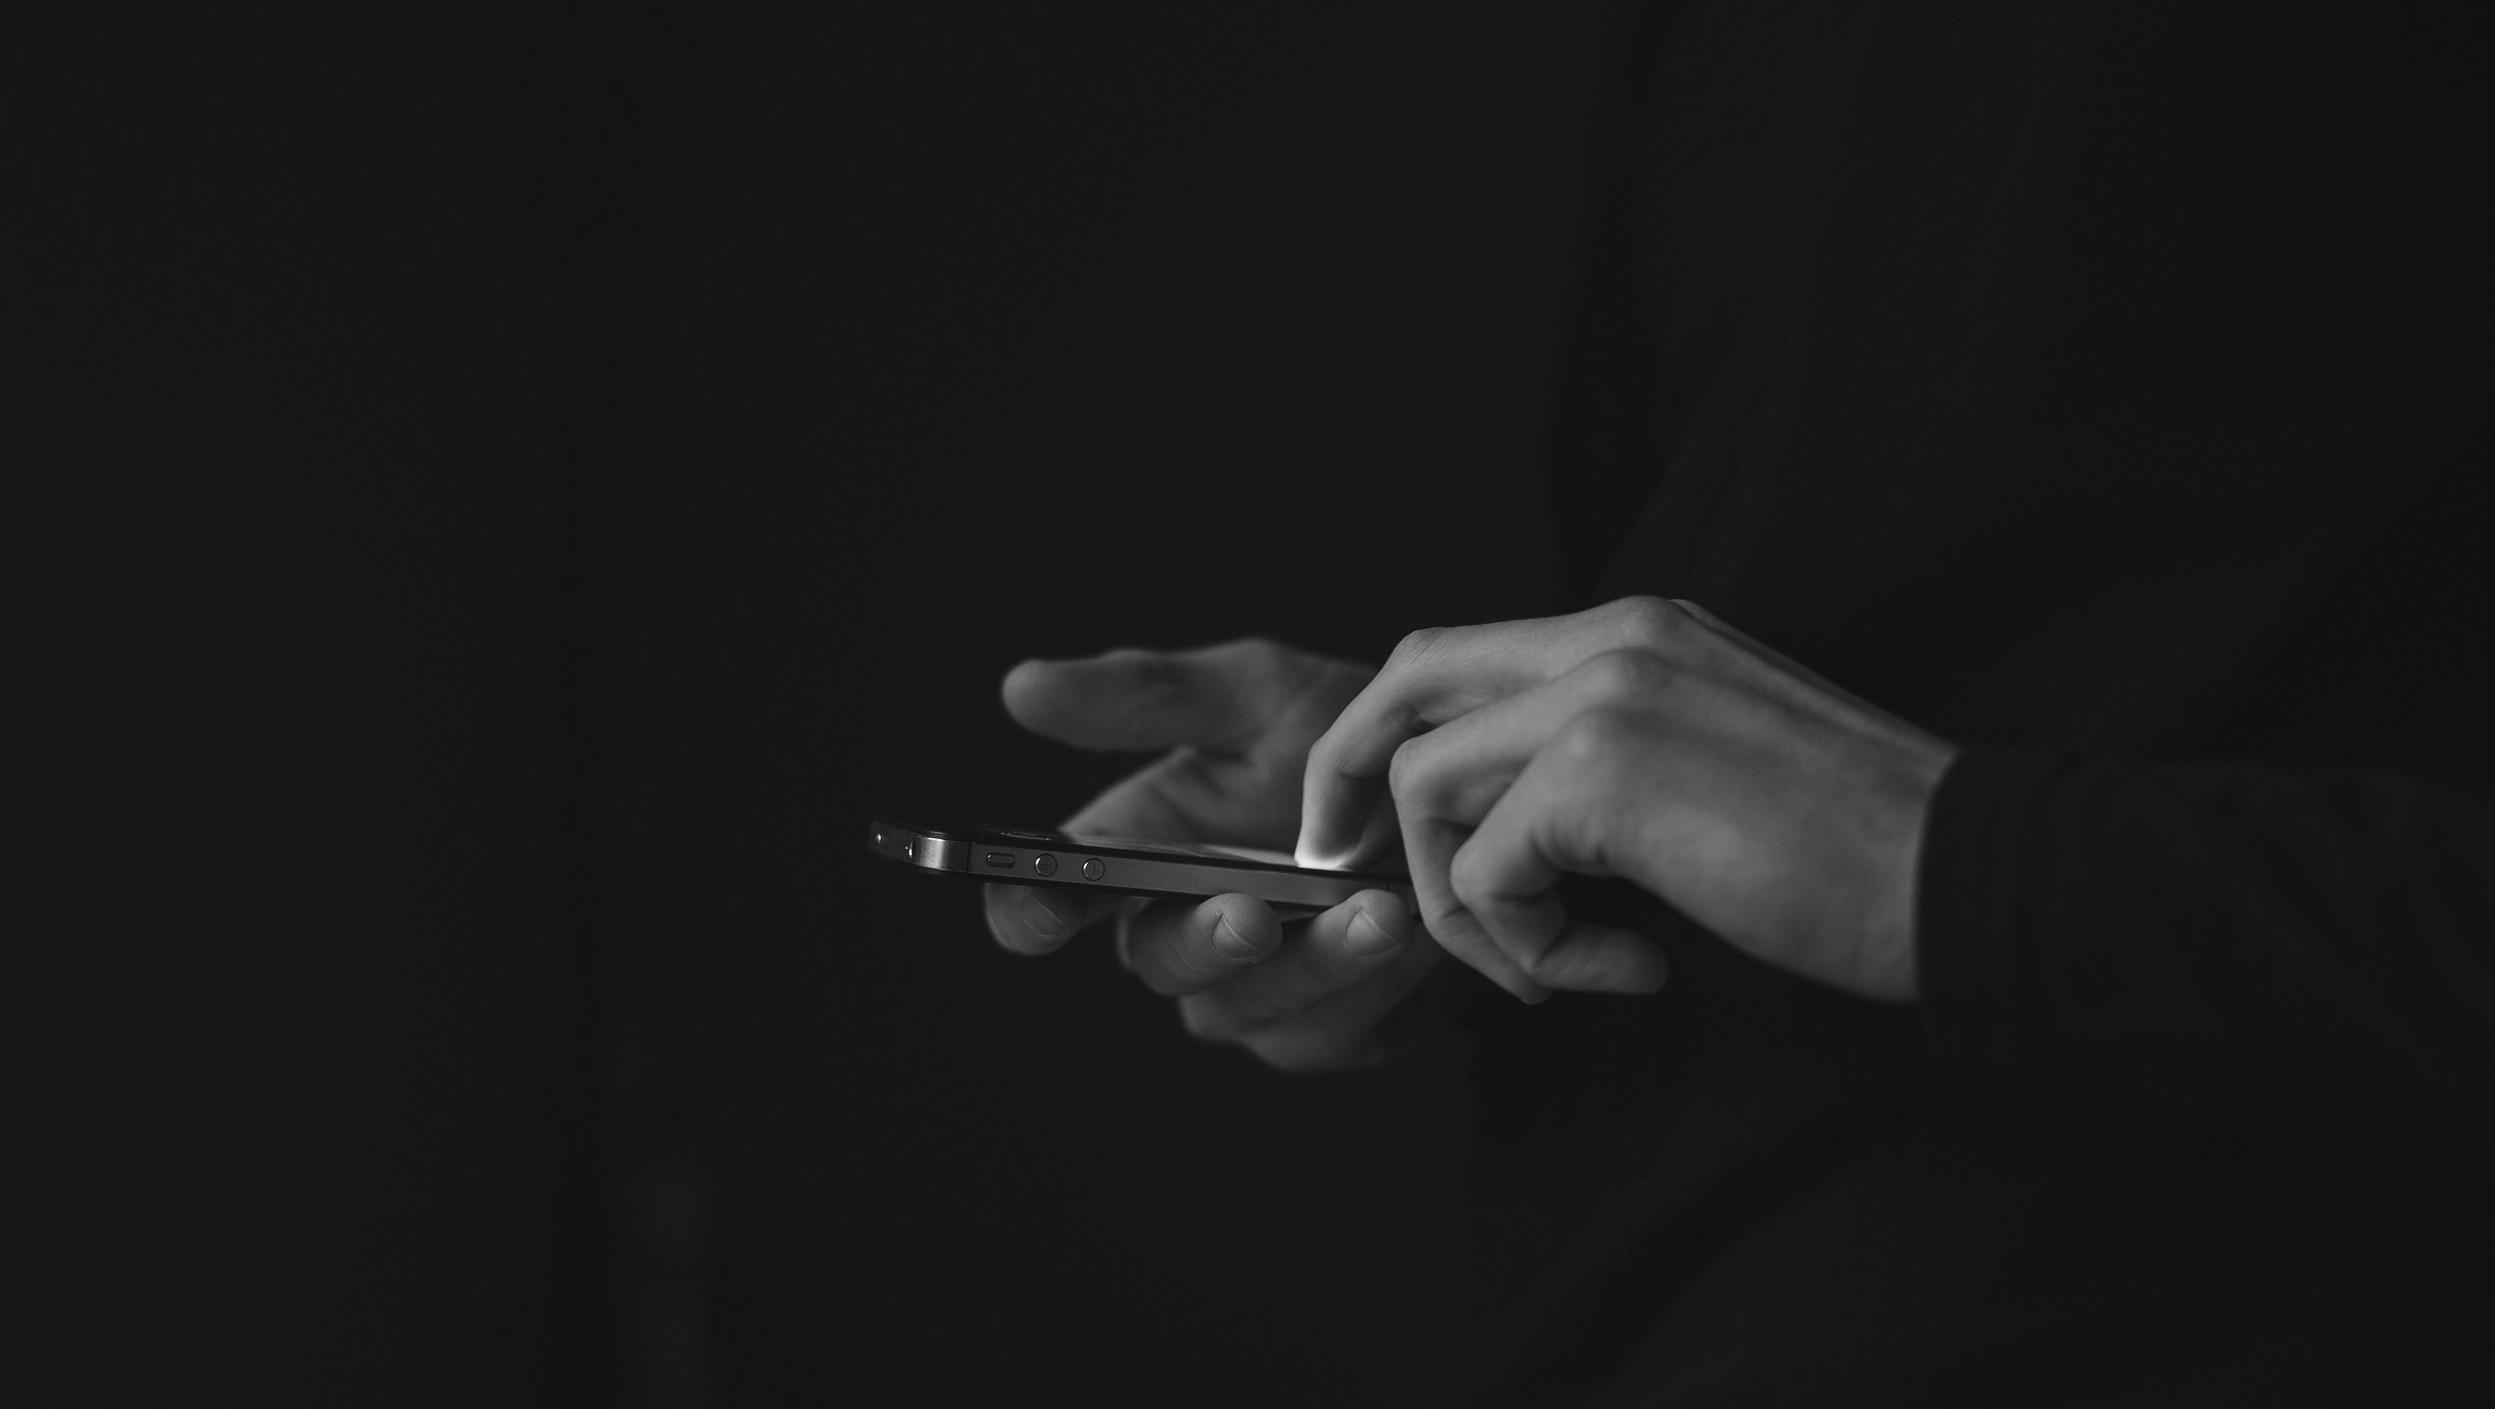 Efficiënte digital marketing - Iedereen kent het wel, maar niemand weet precies hoe het in mekaar zit: SEO, organische zoekresultaten, Google Adwords,... Nu de 'digitalisering' niet meer tegen te houden is, is het bewezen dat deze technieken bepalend zijn voor het op de kaart zetten van uw merk of bedrijf, om top-of-mind te blijven bij klanten en om bezoekers te trekken.MEER WETEN